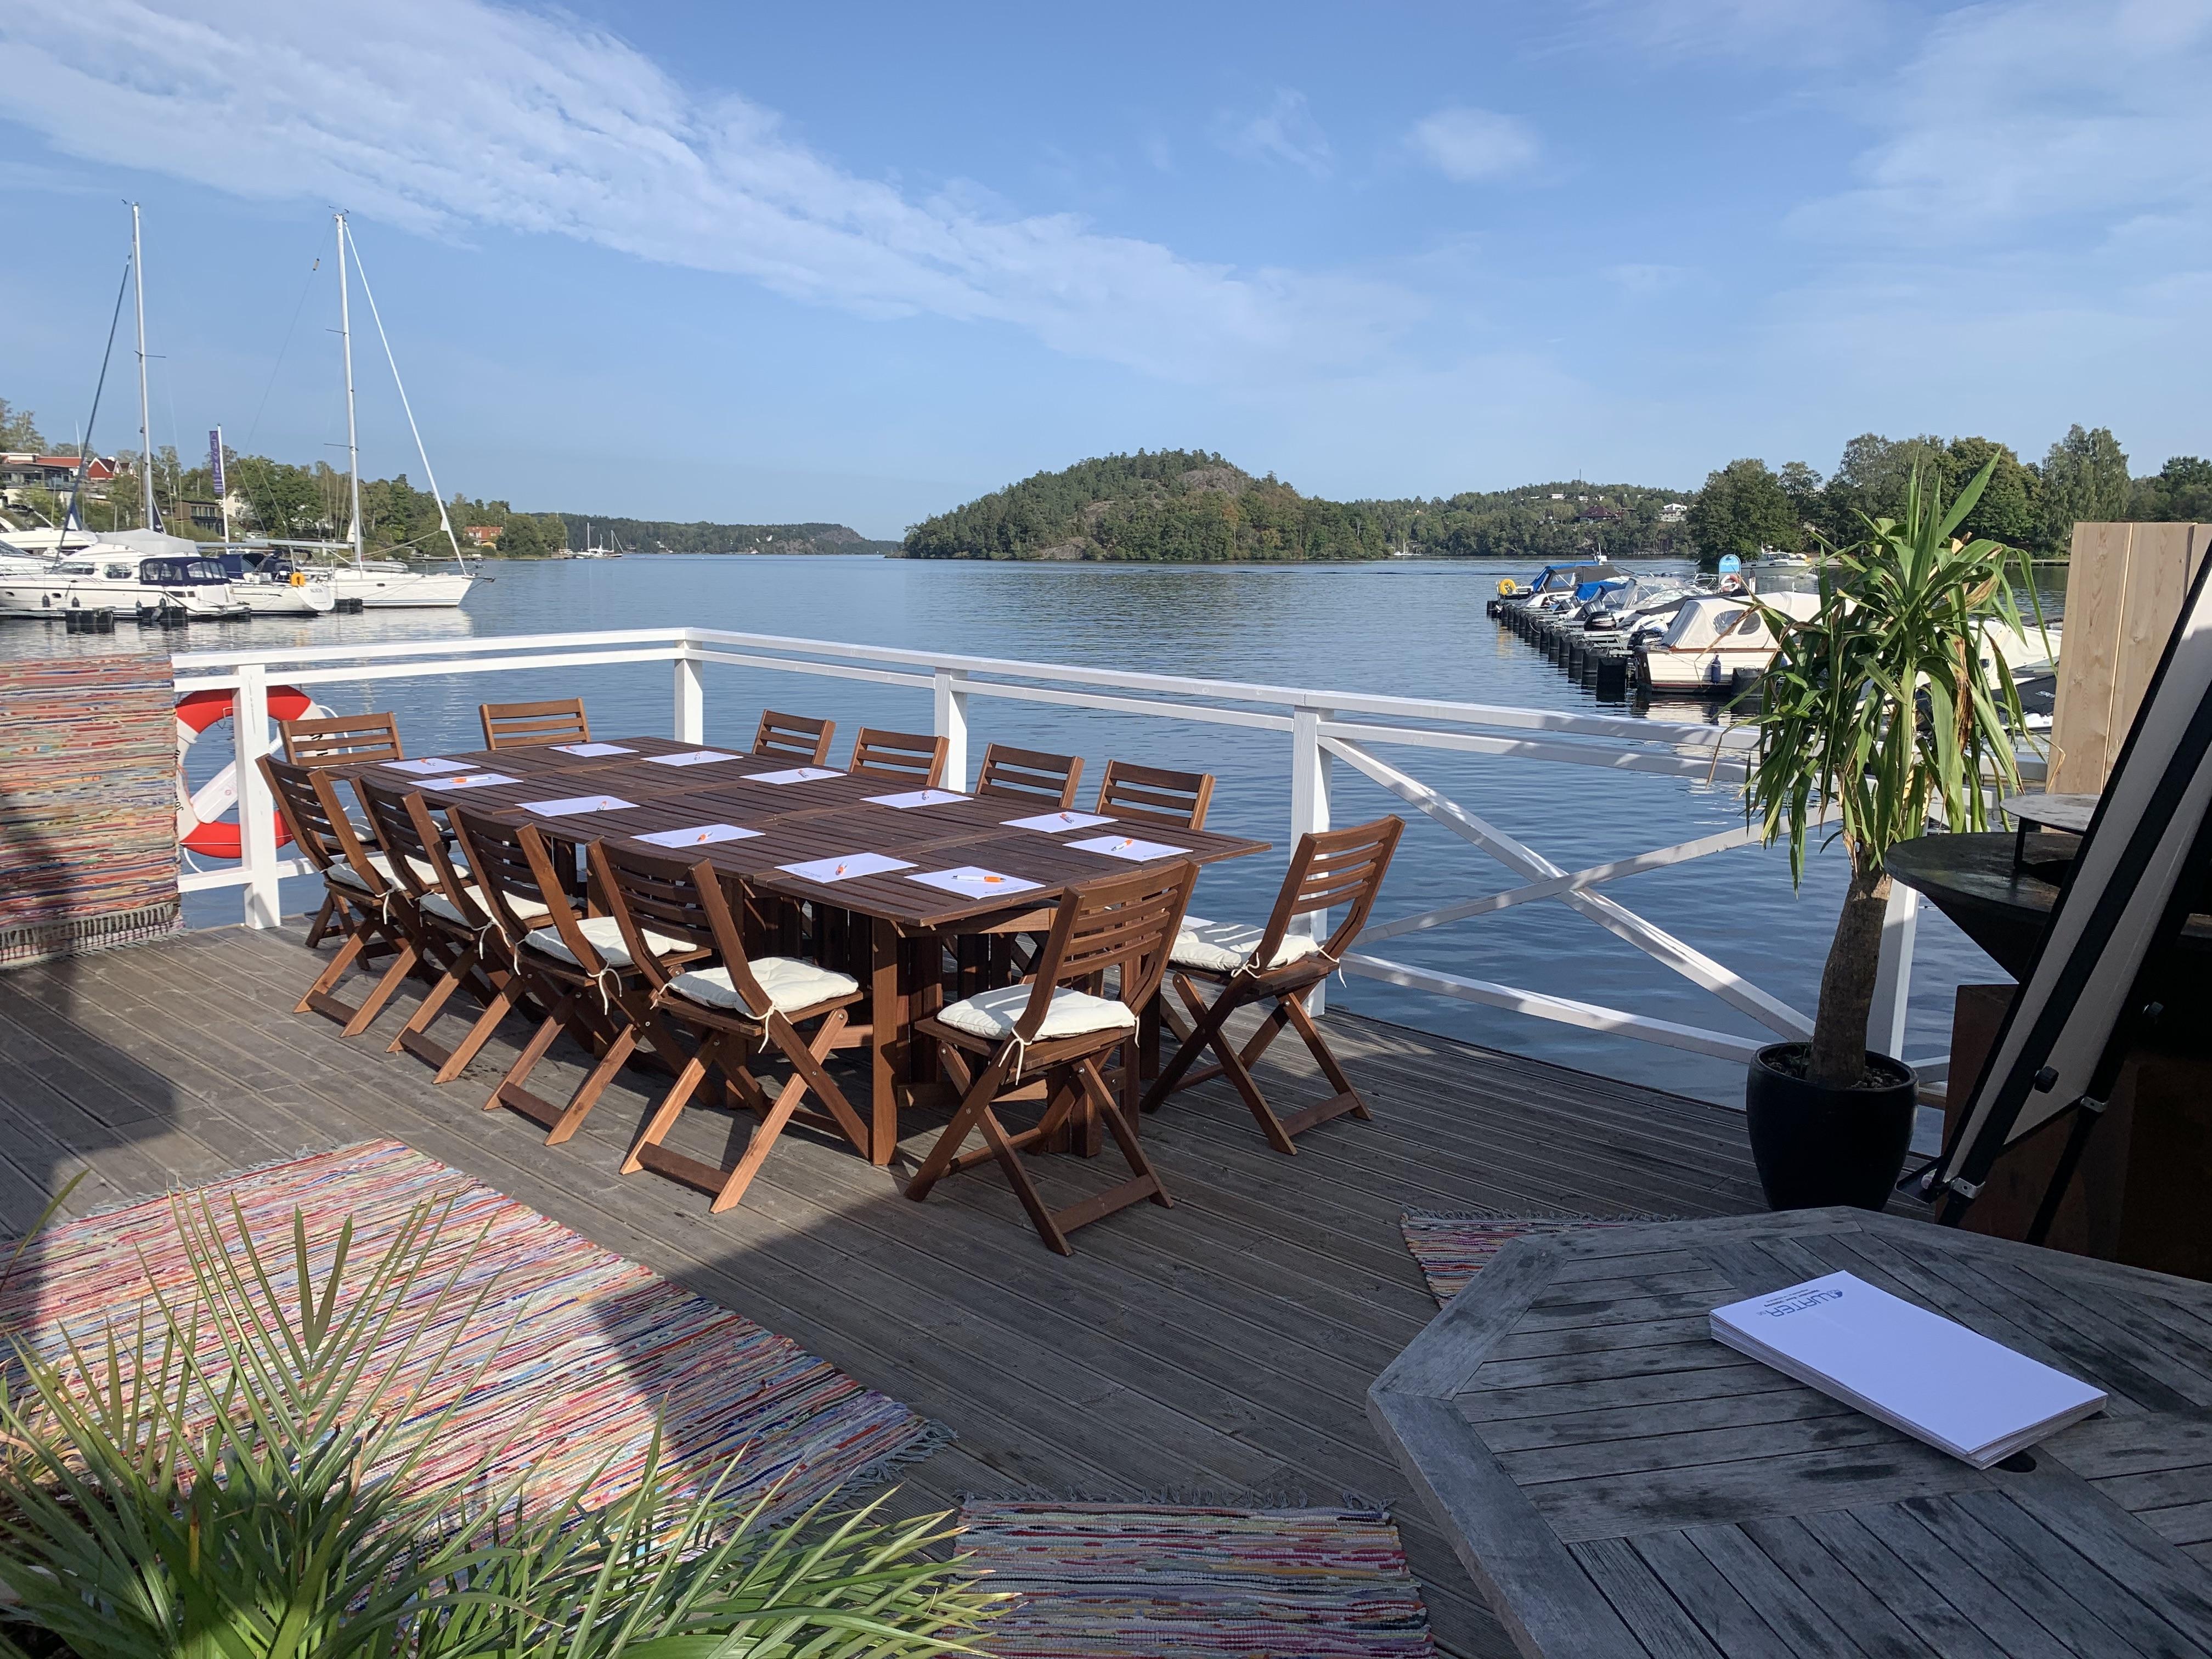 Grillkväll på bastuflotte med egen kock